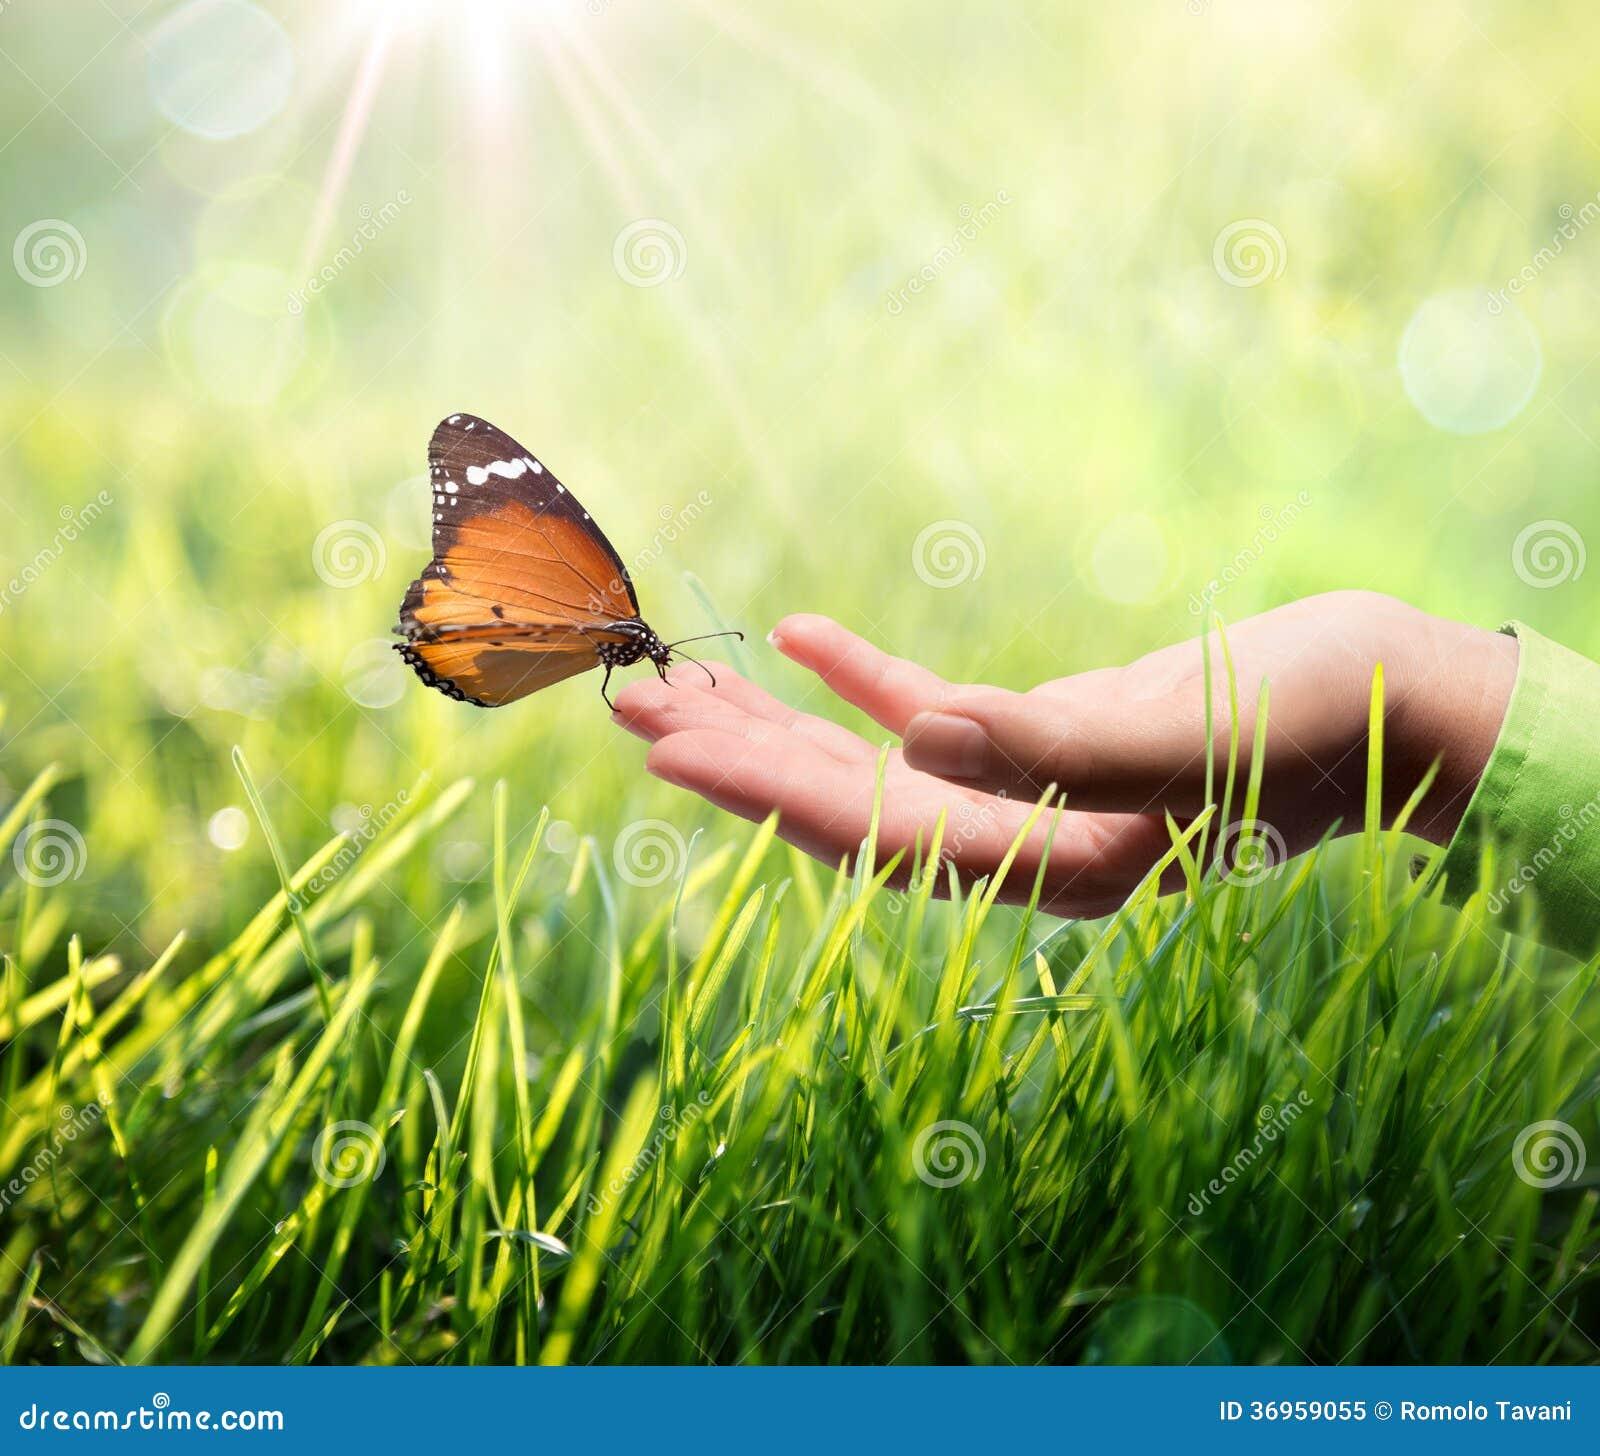 Schmetterling in der Hand auf Gras